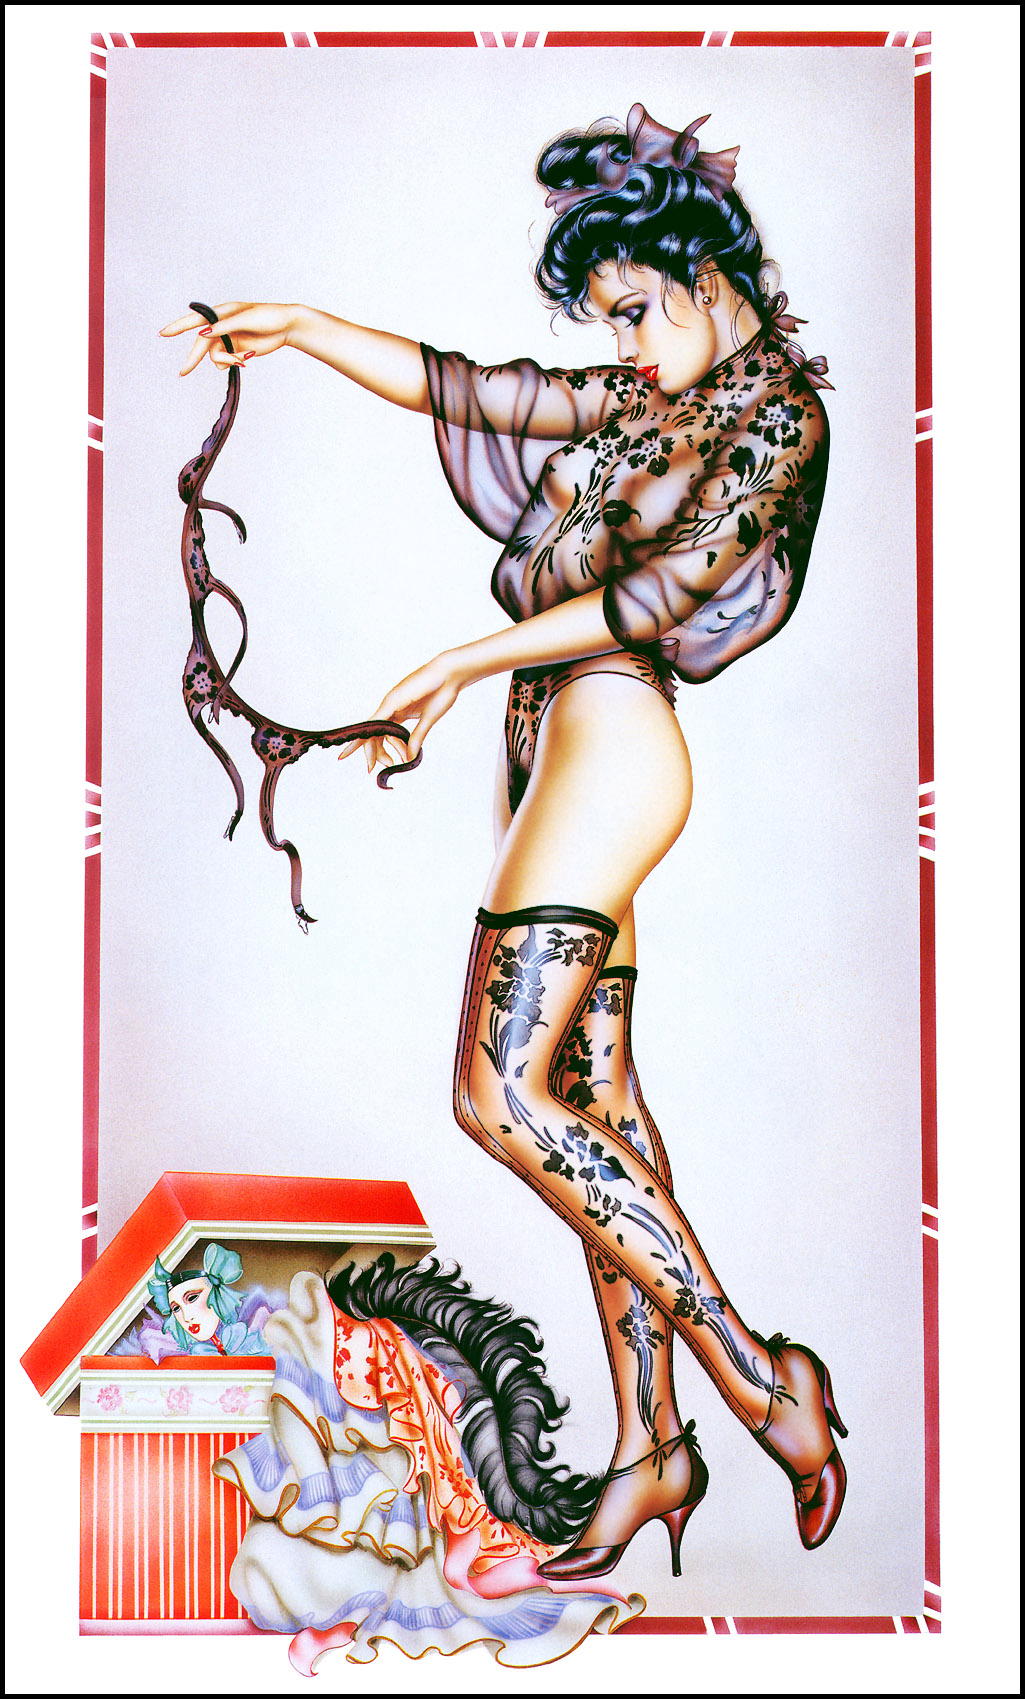 Смотреть бесплатно рисованная эротика 14 фотография